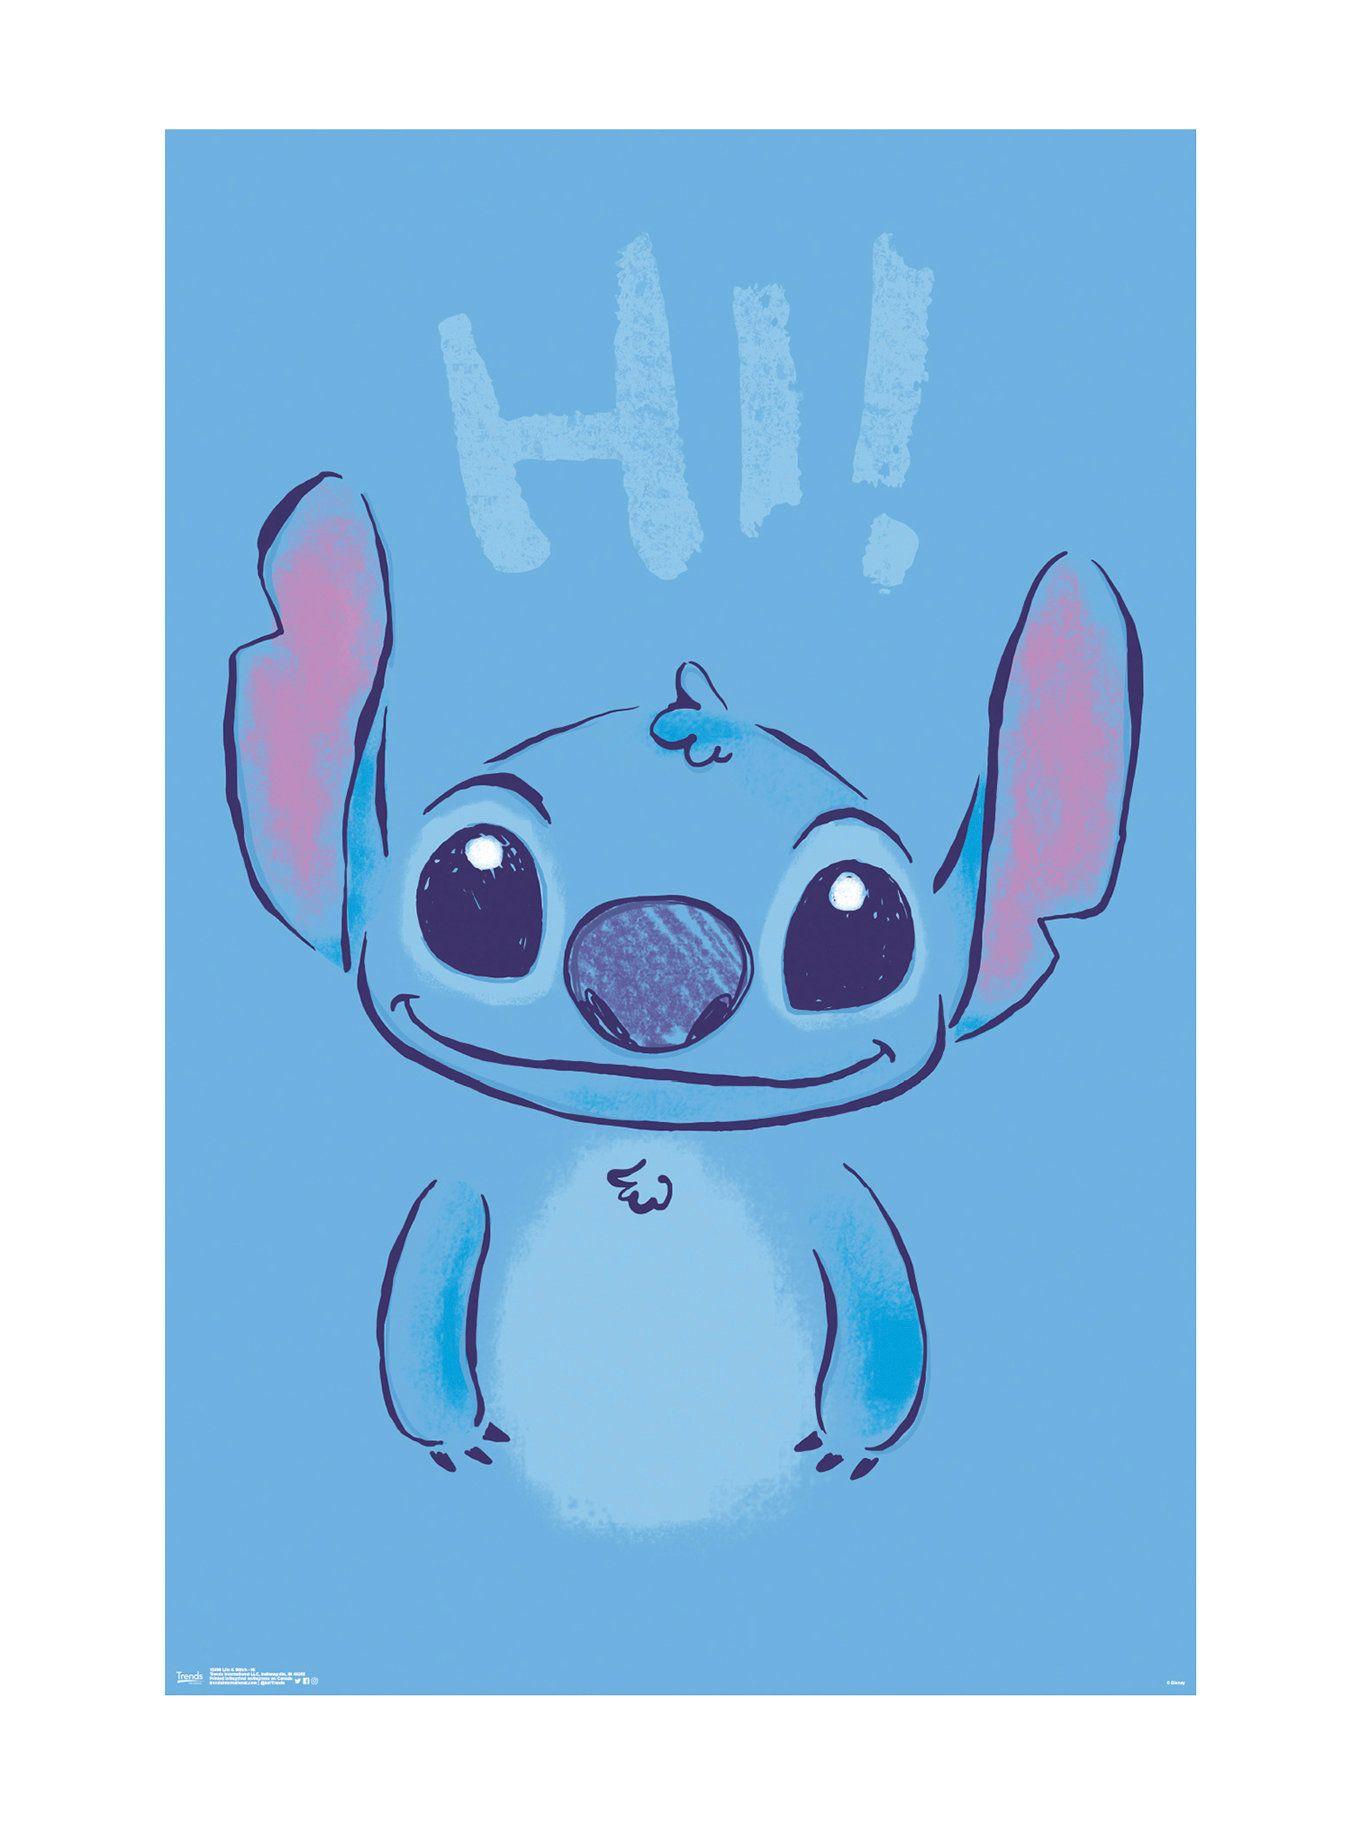 Disney Lilo Stitch Hi Poster Hot Topic วอลเปเปอร พ นหล ง